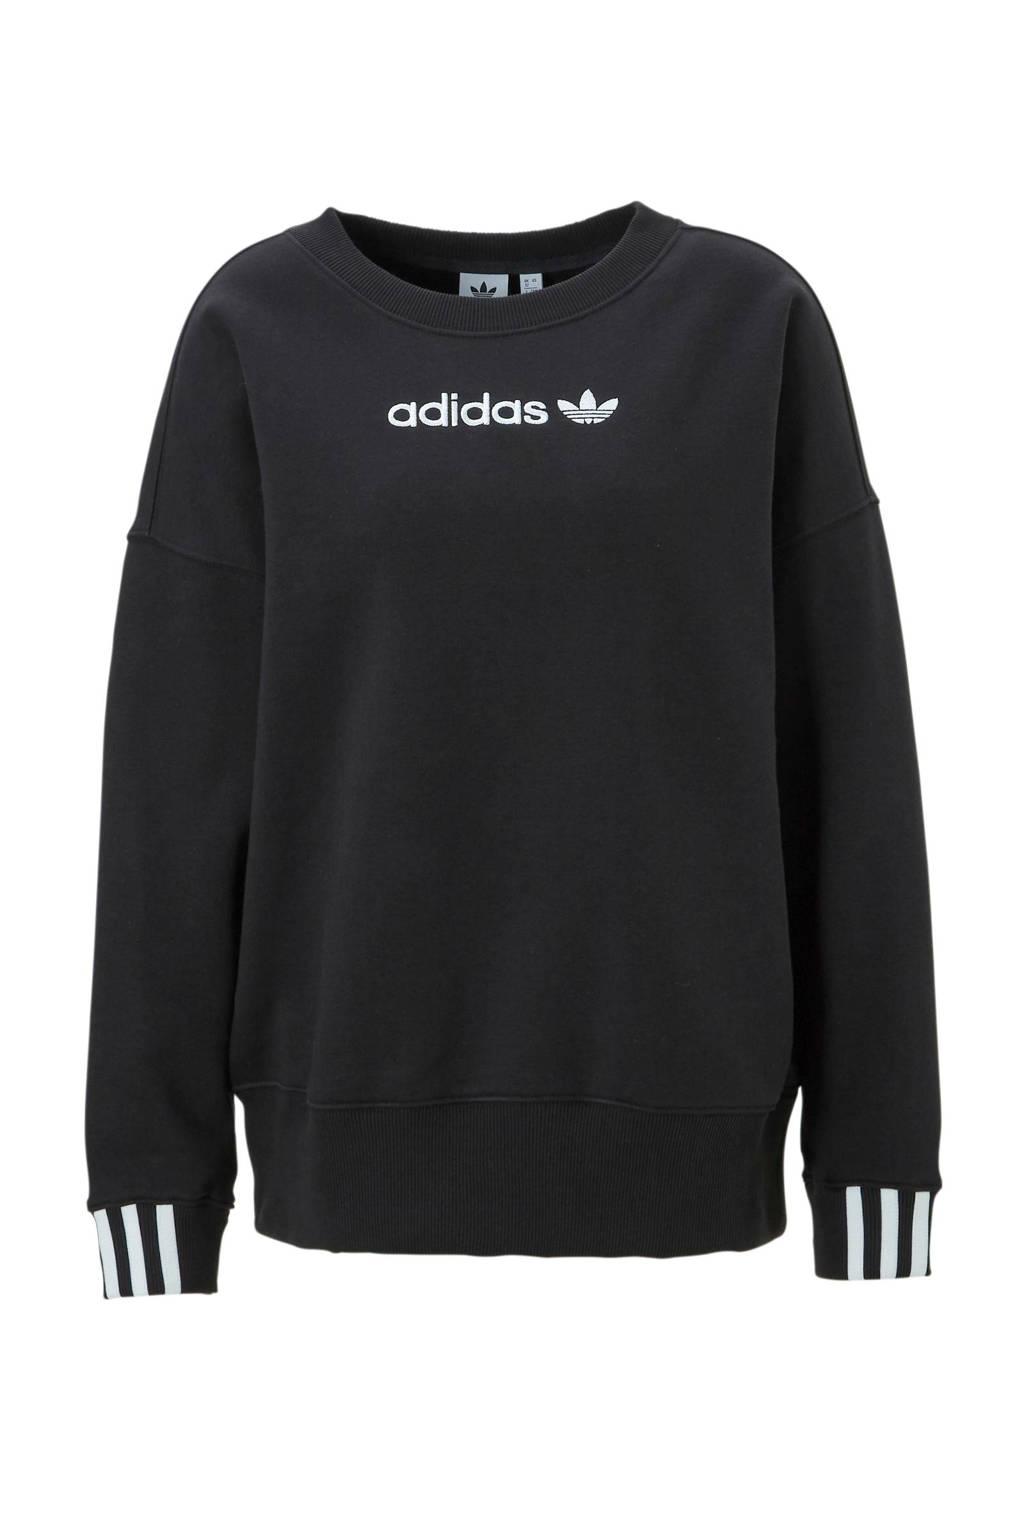 adidas originals sweater zwart, Zwart/wit